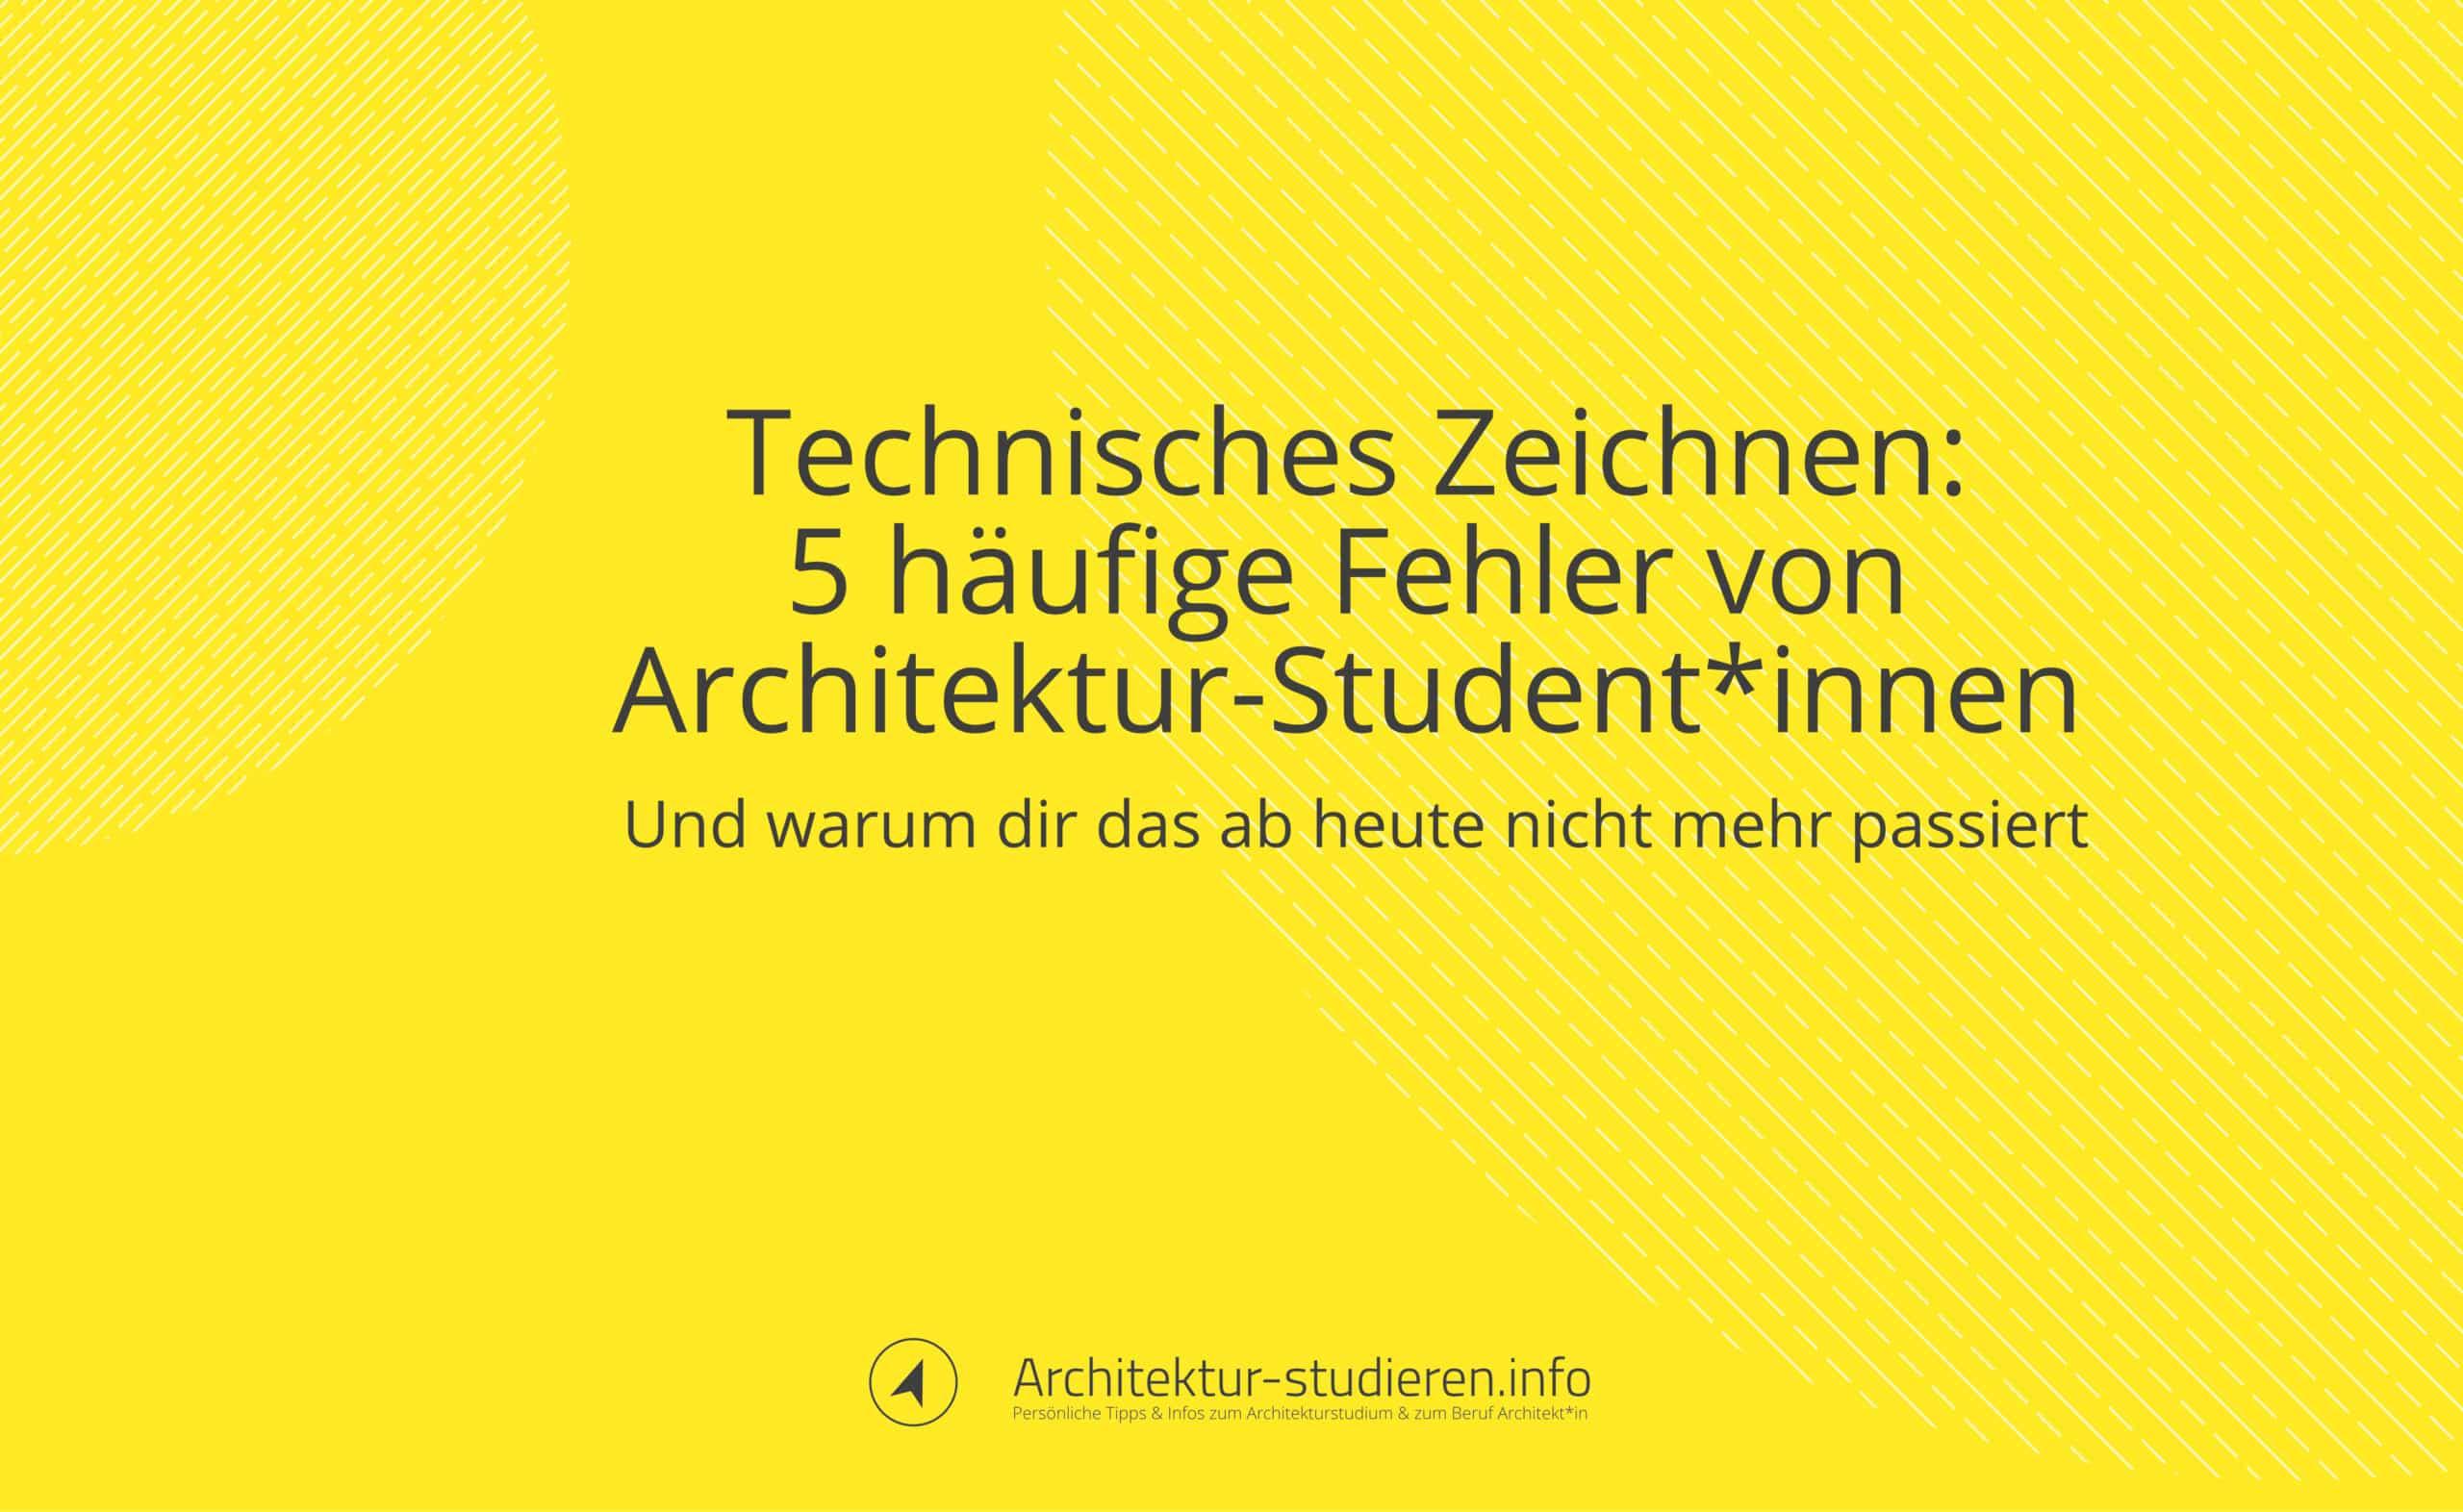 Technisches Zeichnen: 5 häufige Fehler die Architektur-Student*innen machen | © Anett Ring, Architektur-studieren.info